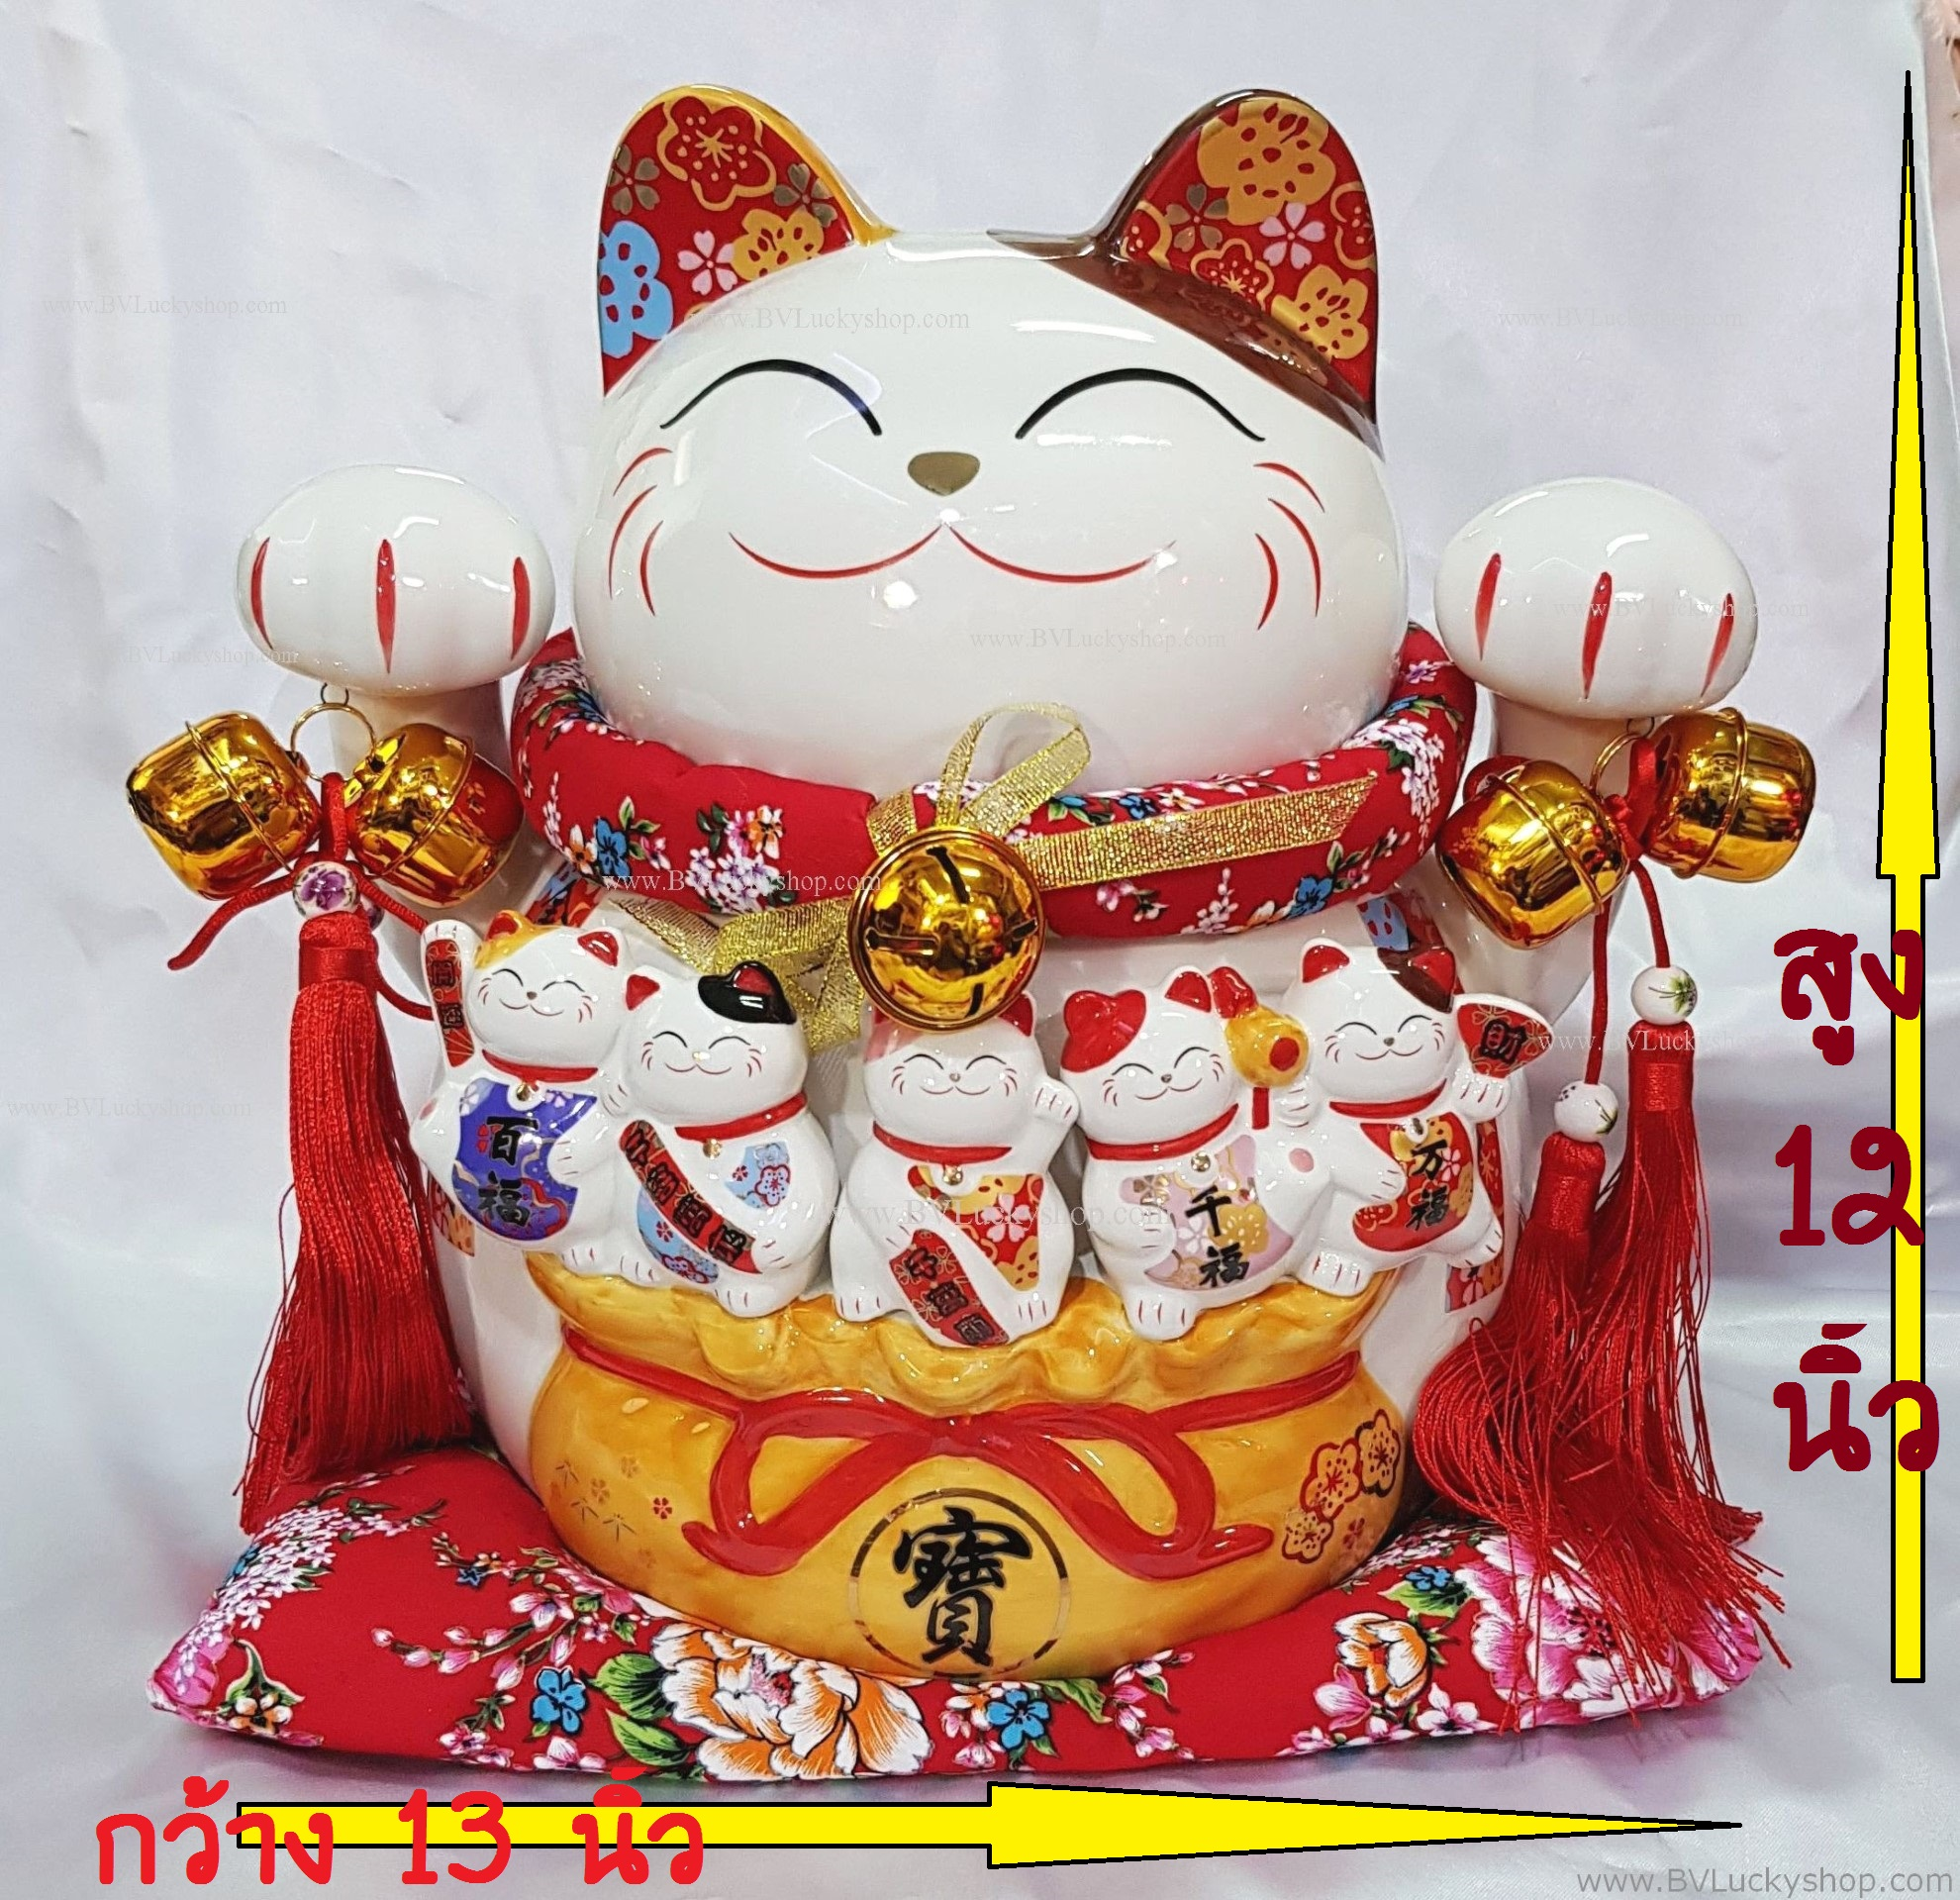 แมวกวัก แมวนำโชค สูง 12 นิ้ว มีถุงเงินทองที่หน้าท้อง [14-12bag]